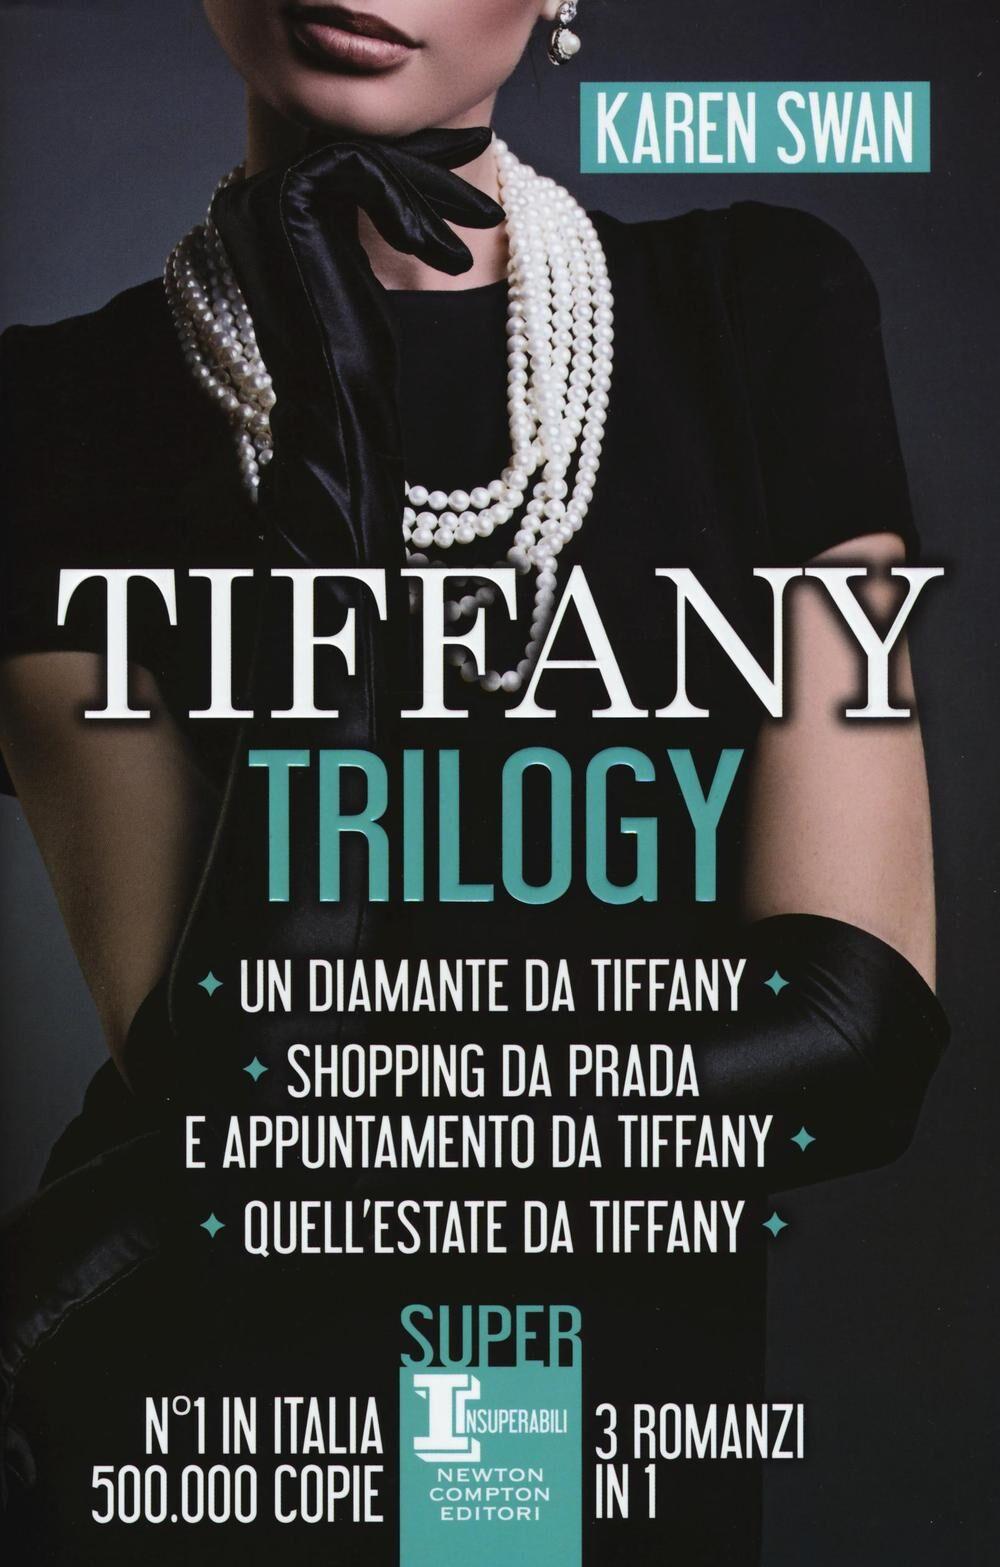 Tiffany trilogy: Un diamante da Tiffany-Shopping da Prada e appuntamento da Tiffany-Quell'estate da Tiffany